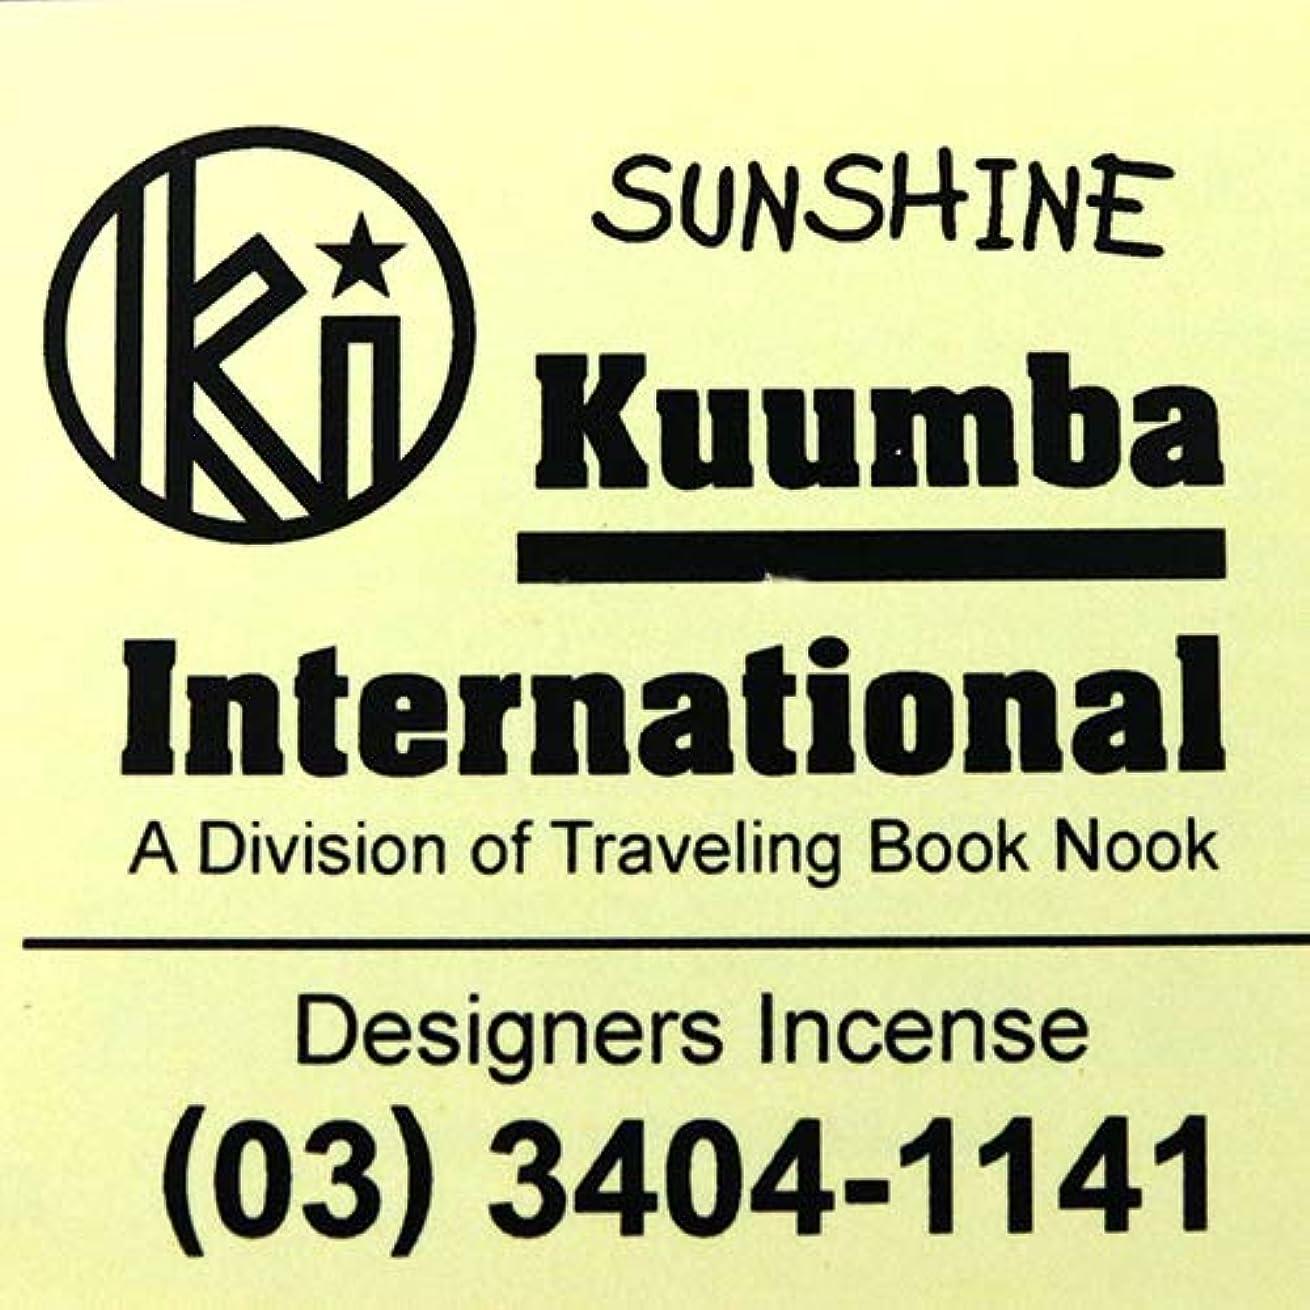 今晩深める整然とした(クンバ) KUUMBA『incense』(SUNSHINE) (SUNSHINE, Regular size)